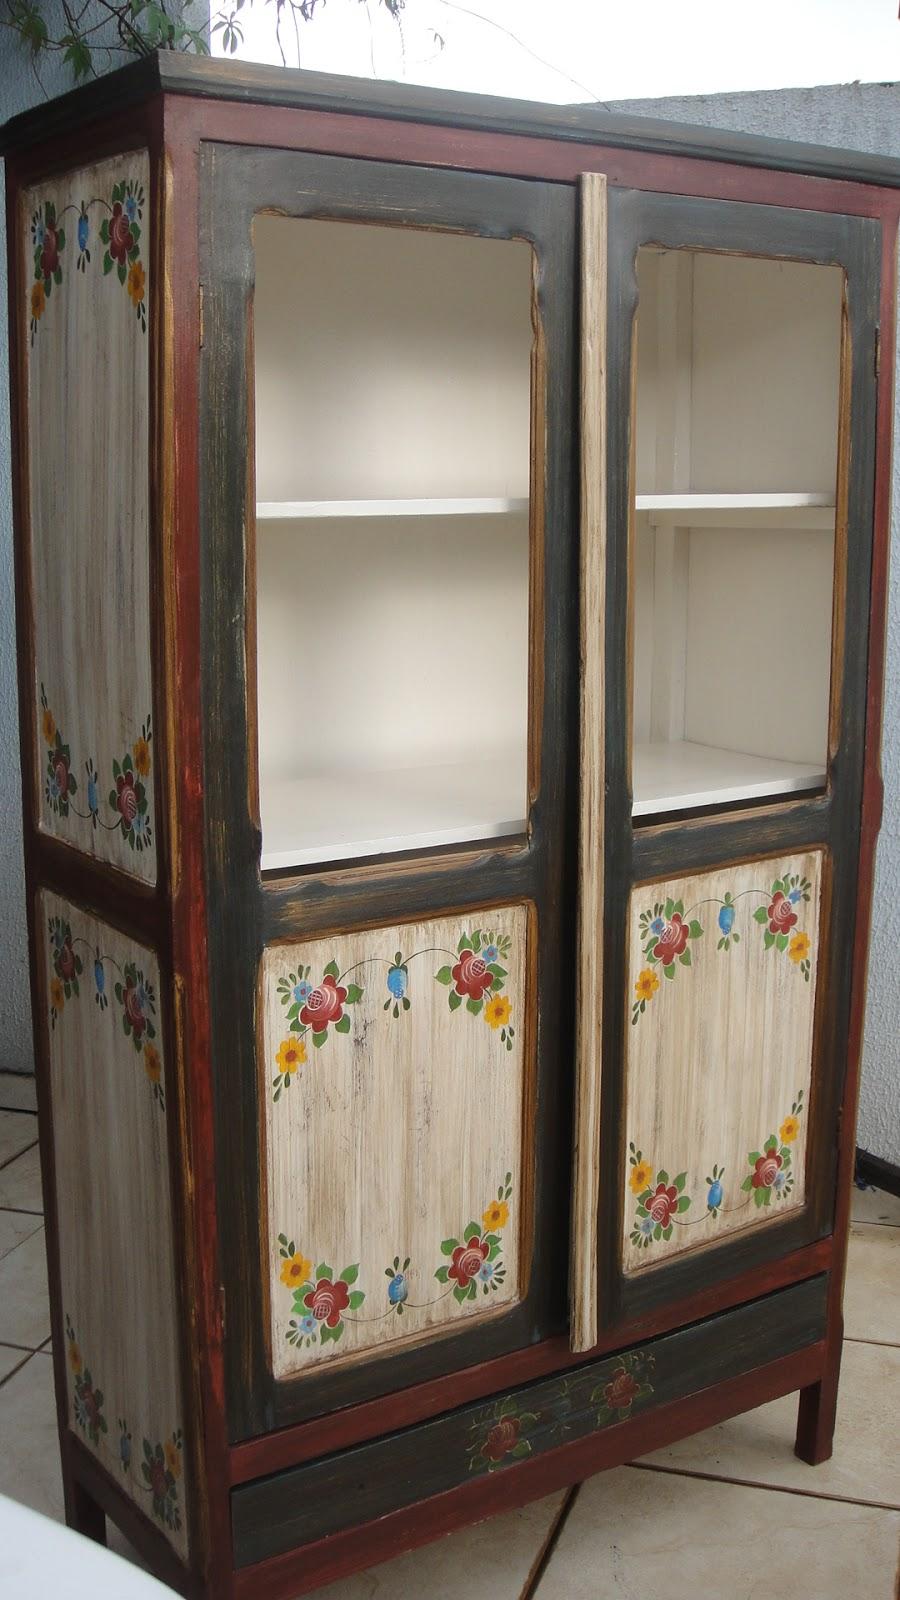 #474842 Artesanatos Goiânia Mina das Artes Armário em pátina e policromia Pintura decorativa em Bauer 900x1600 px Armario De Cozinha Em Goiania #2993 imagens